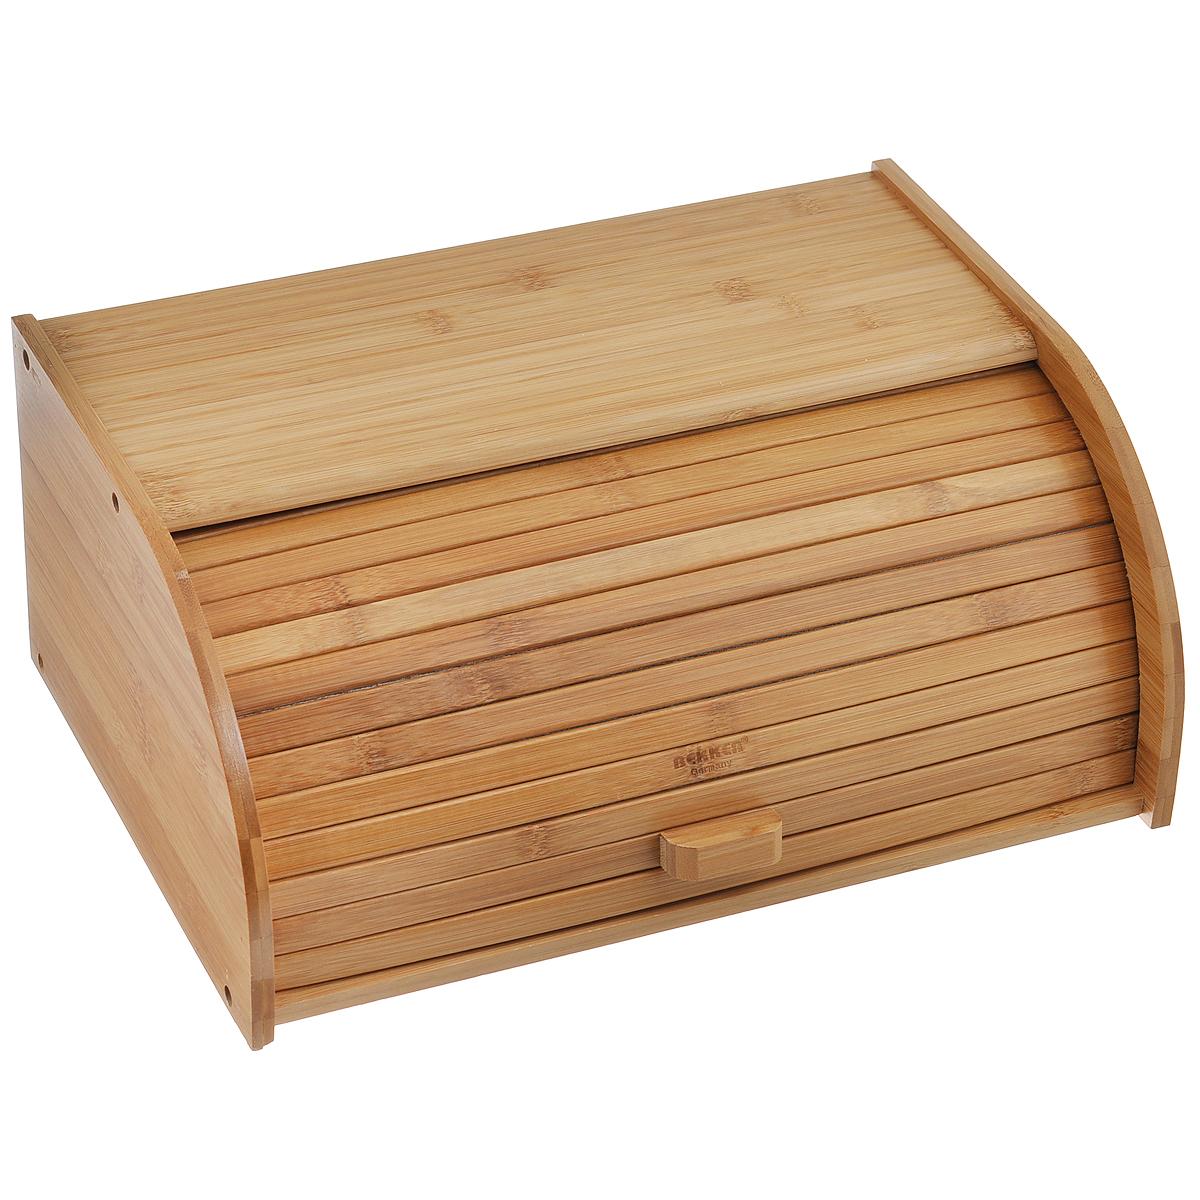 Хлебница Bekker Koch, 38 х 27 х 16 смBK-4807Хлебница Bekker Koch, изготовленная из бамбука, обеспечивает идеальные условия хранения для различных видов хлебобулочных изделий, надолго сохраняя их свежесть и защищая от воздействия внешних факторов (запахов и влаги). Прочная конструкция каркаса и усиленный край гарантируют долговечное использование. Изделие отличается вместительностью: объем достаточен для хранения нескольких хлебобулочных изделий. Эргономичный дизайн крышки не требует дополнительного места при открывании. Крышка открывается без дополнительных усилий, благодаря специальной конструкции боковых пазов. Такая хлебница идеально впишется в интерьер любой кухни и сохранит ваш хлеб свежим и вкусным.